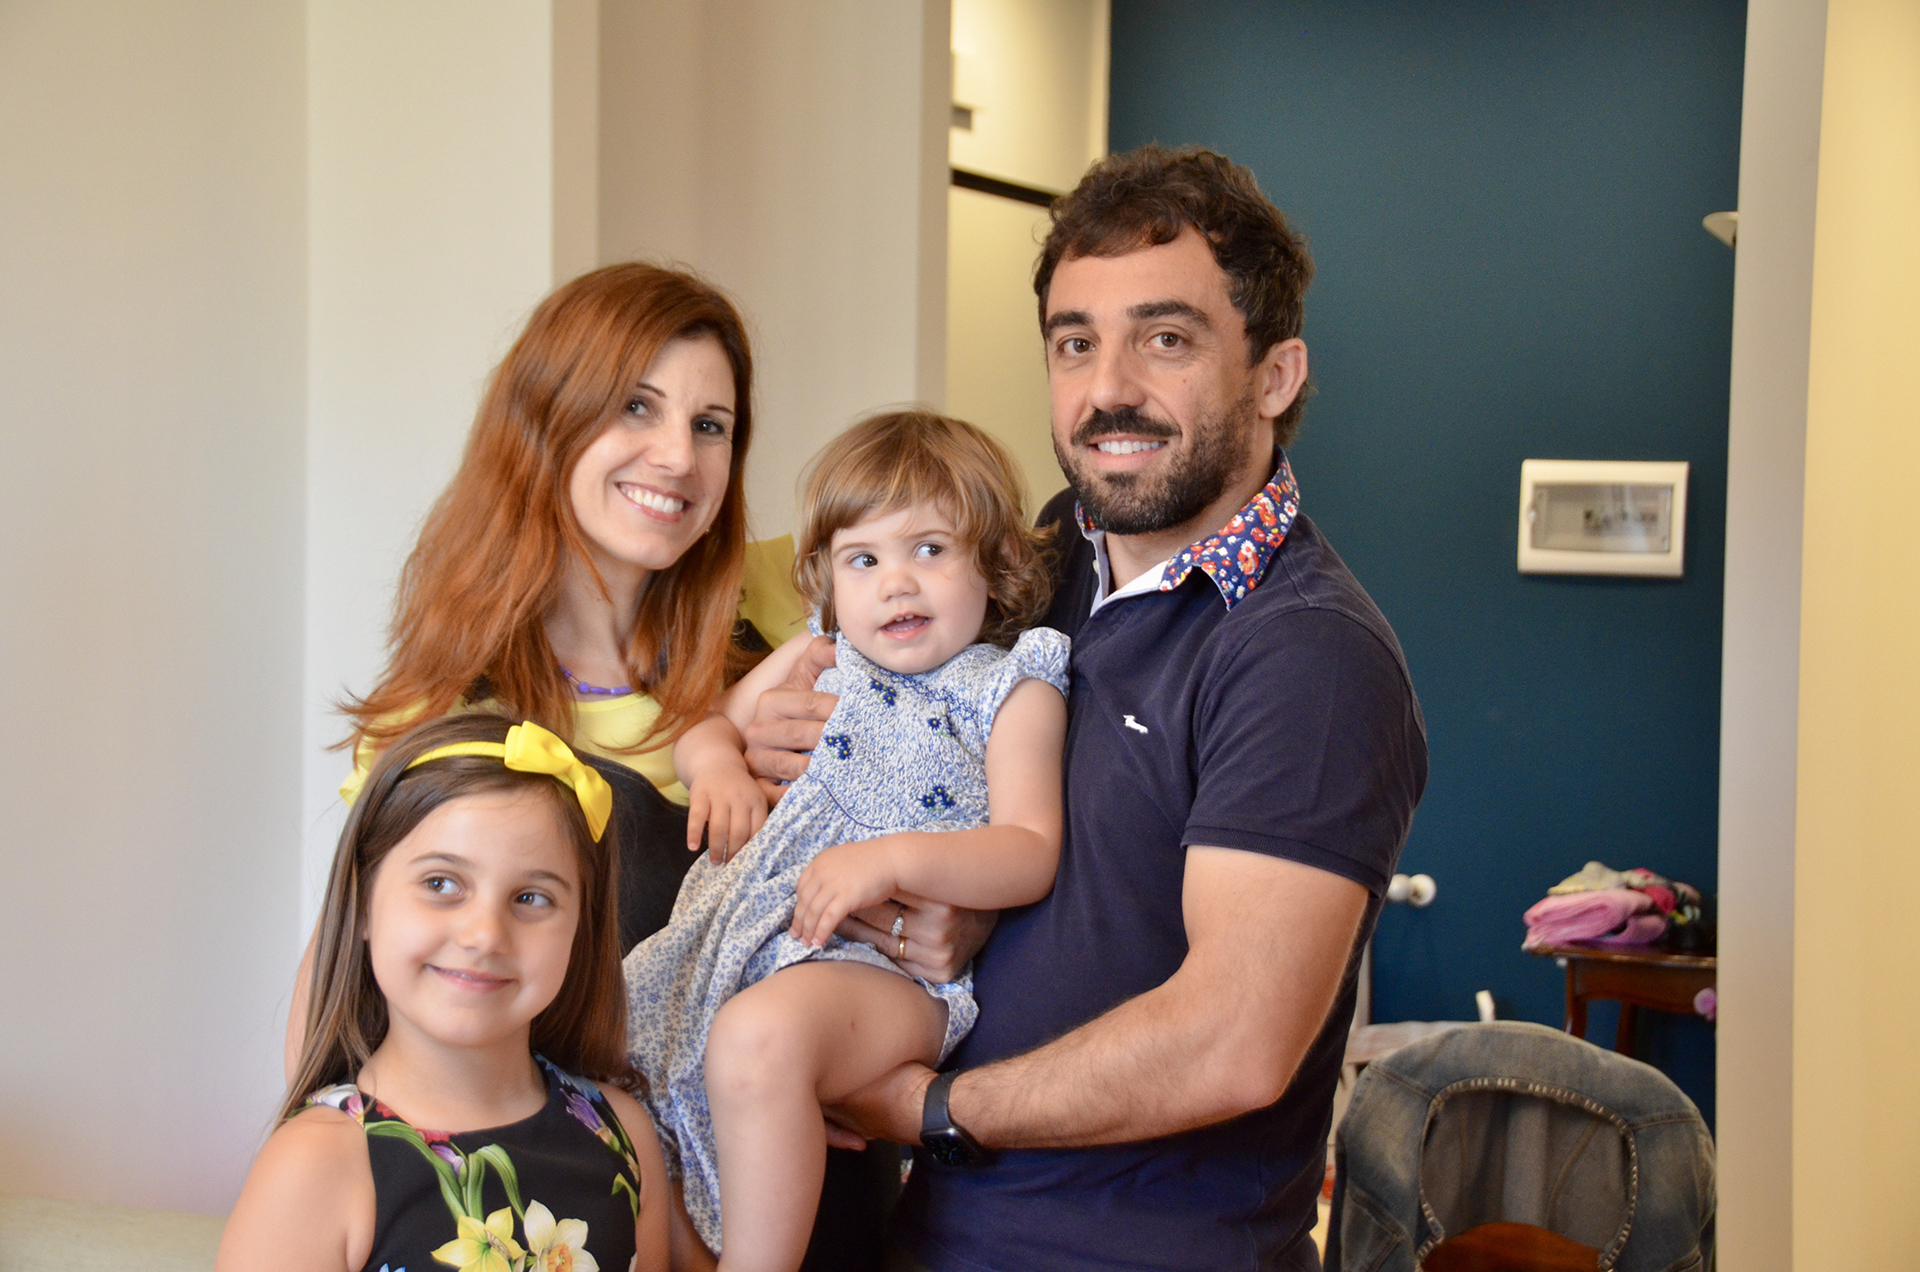 il dentista di famiglia - Studi dentistici Curreli - dentista Cagliari Selargius Vallermosa